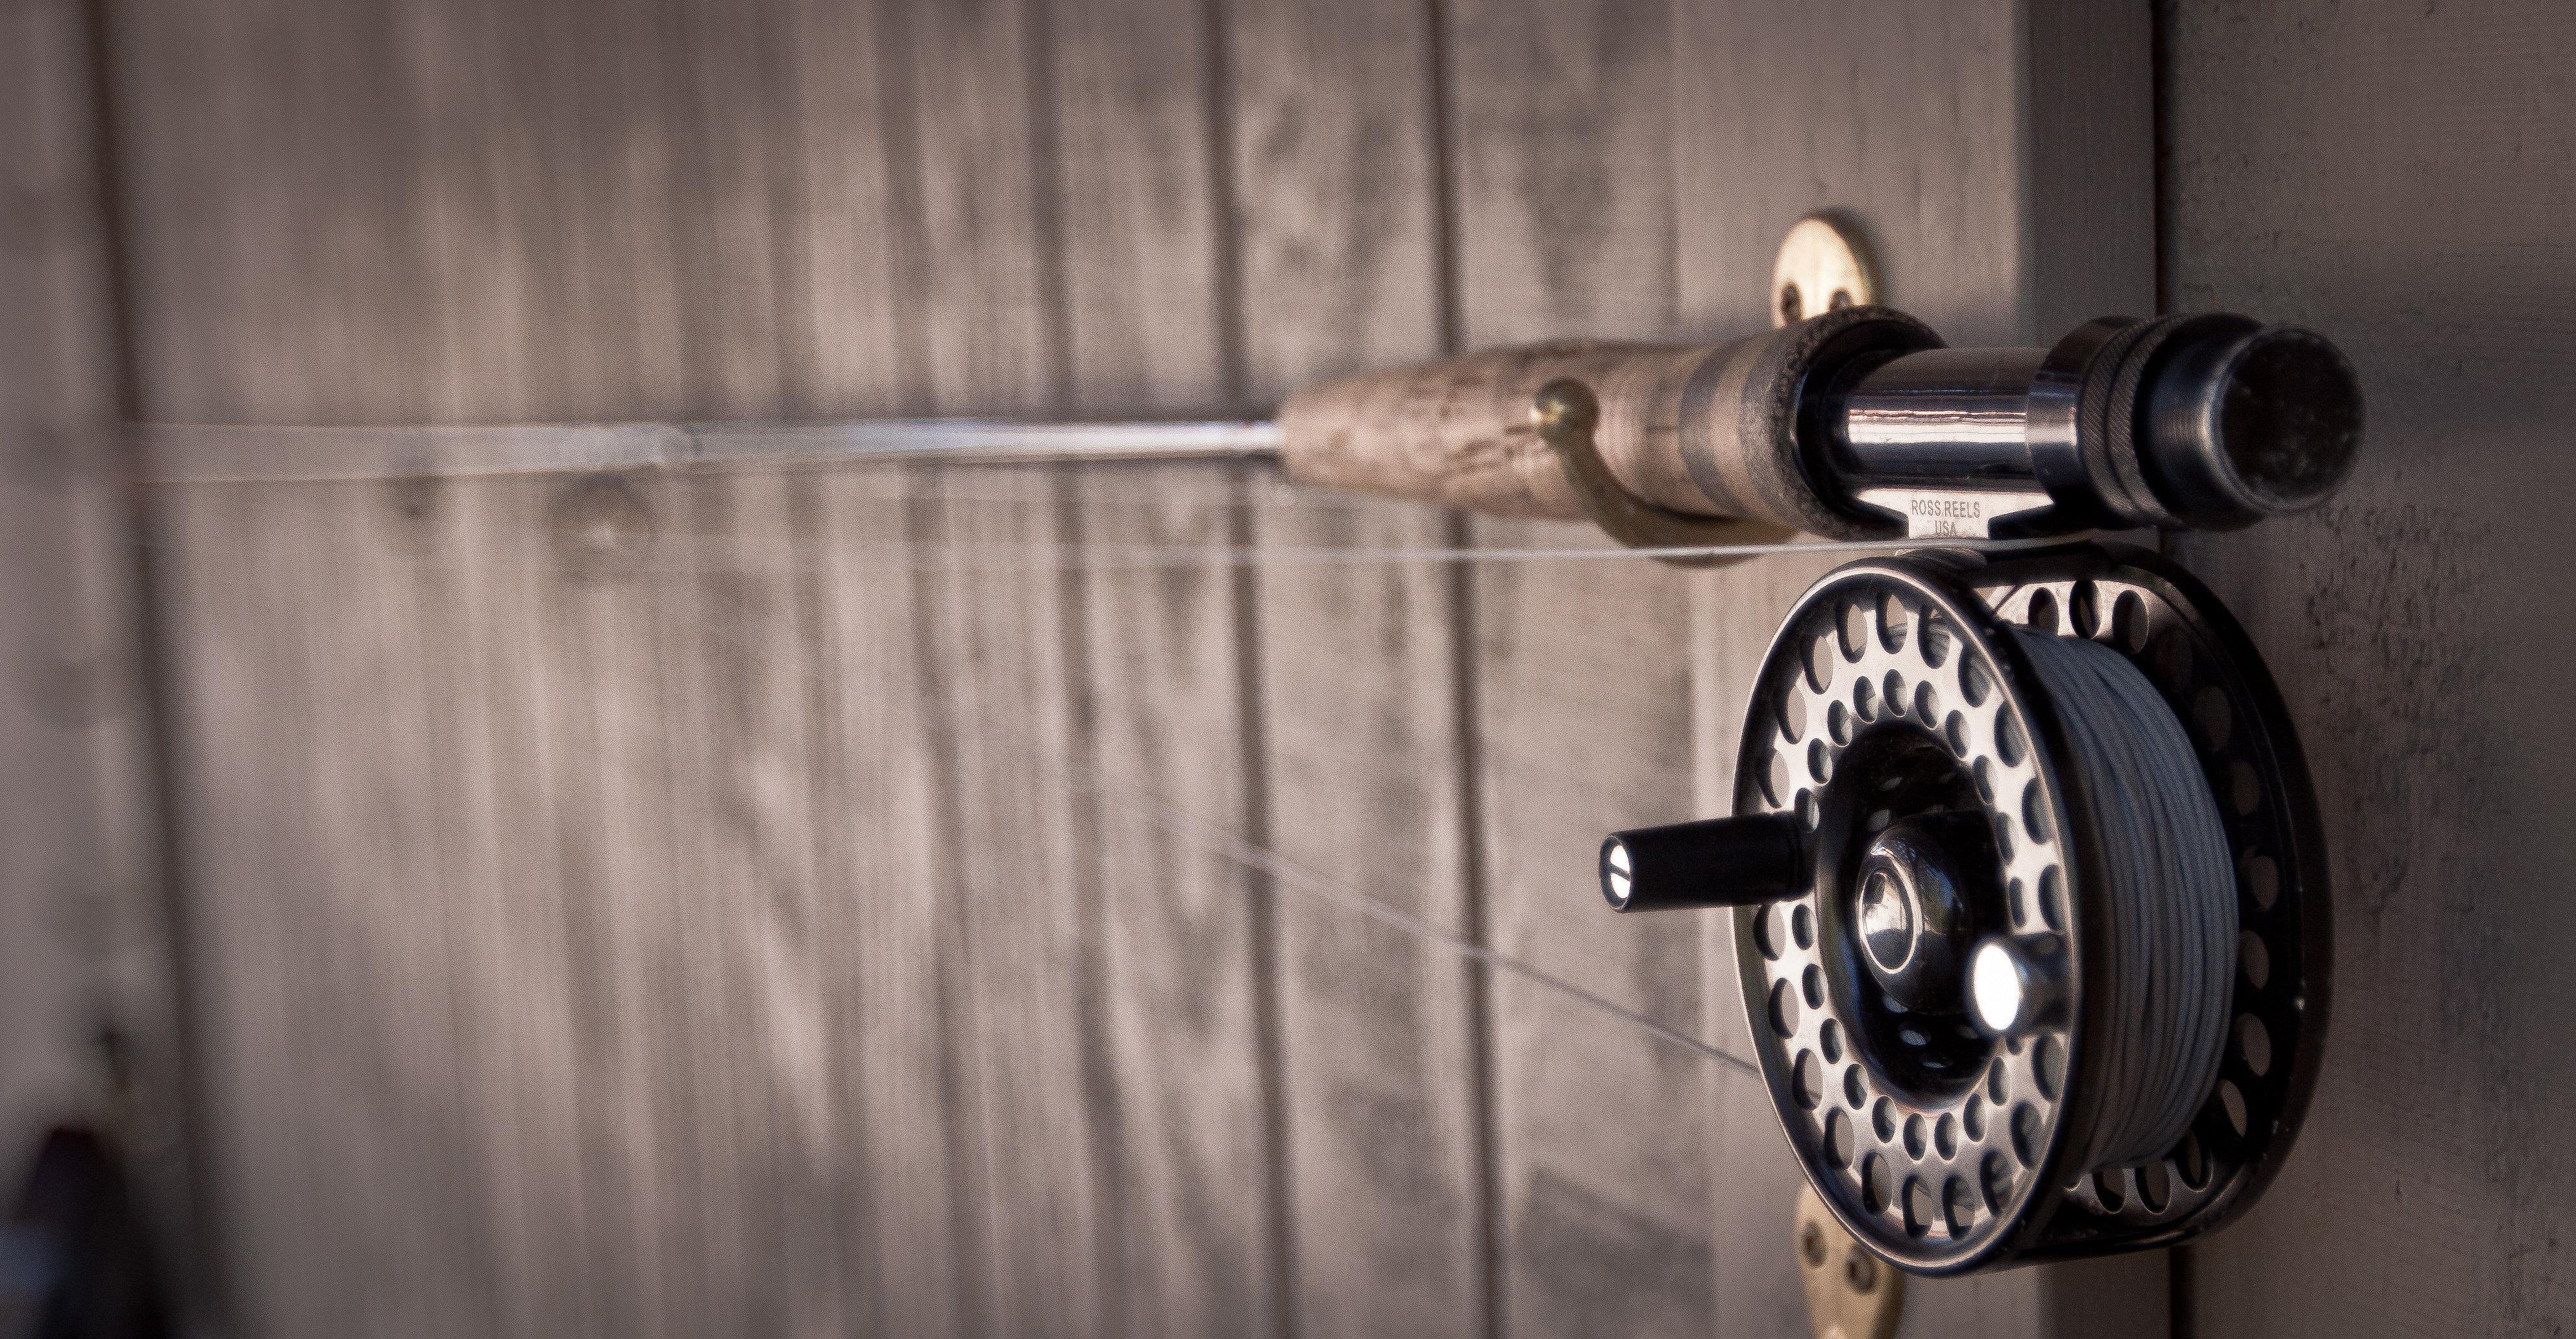 მეთევზის აღჭურვილობა საუკეთესო საჩუქარია ნაკლებად ემოციური მამაკაცებისთვს